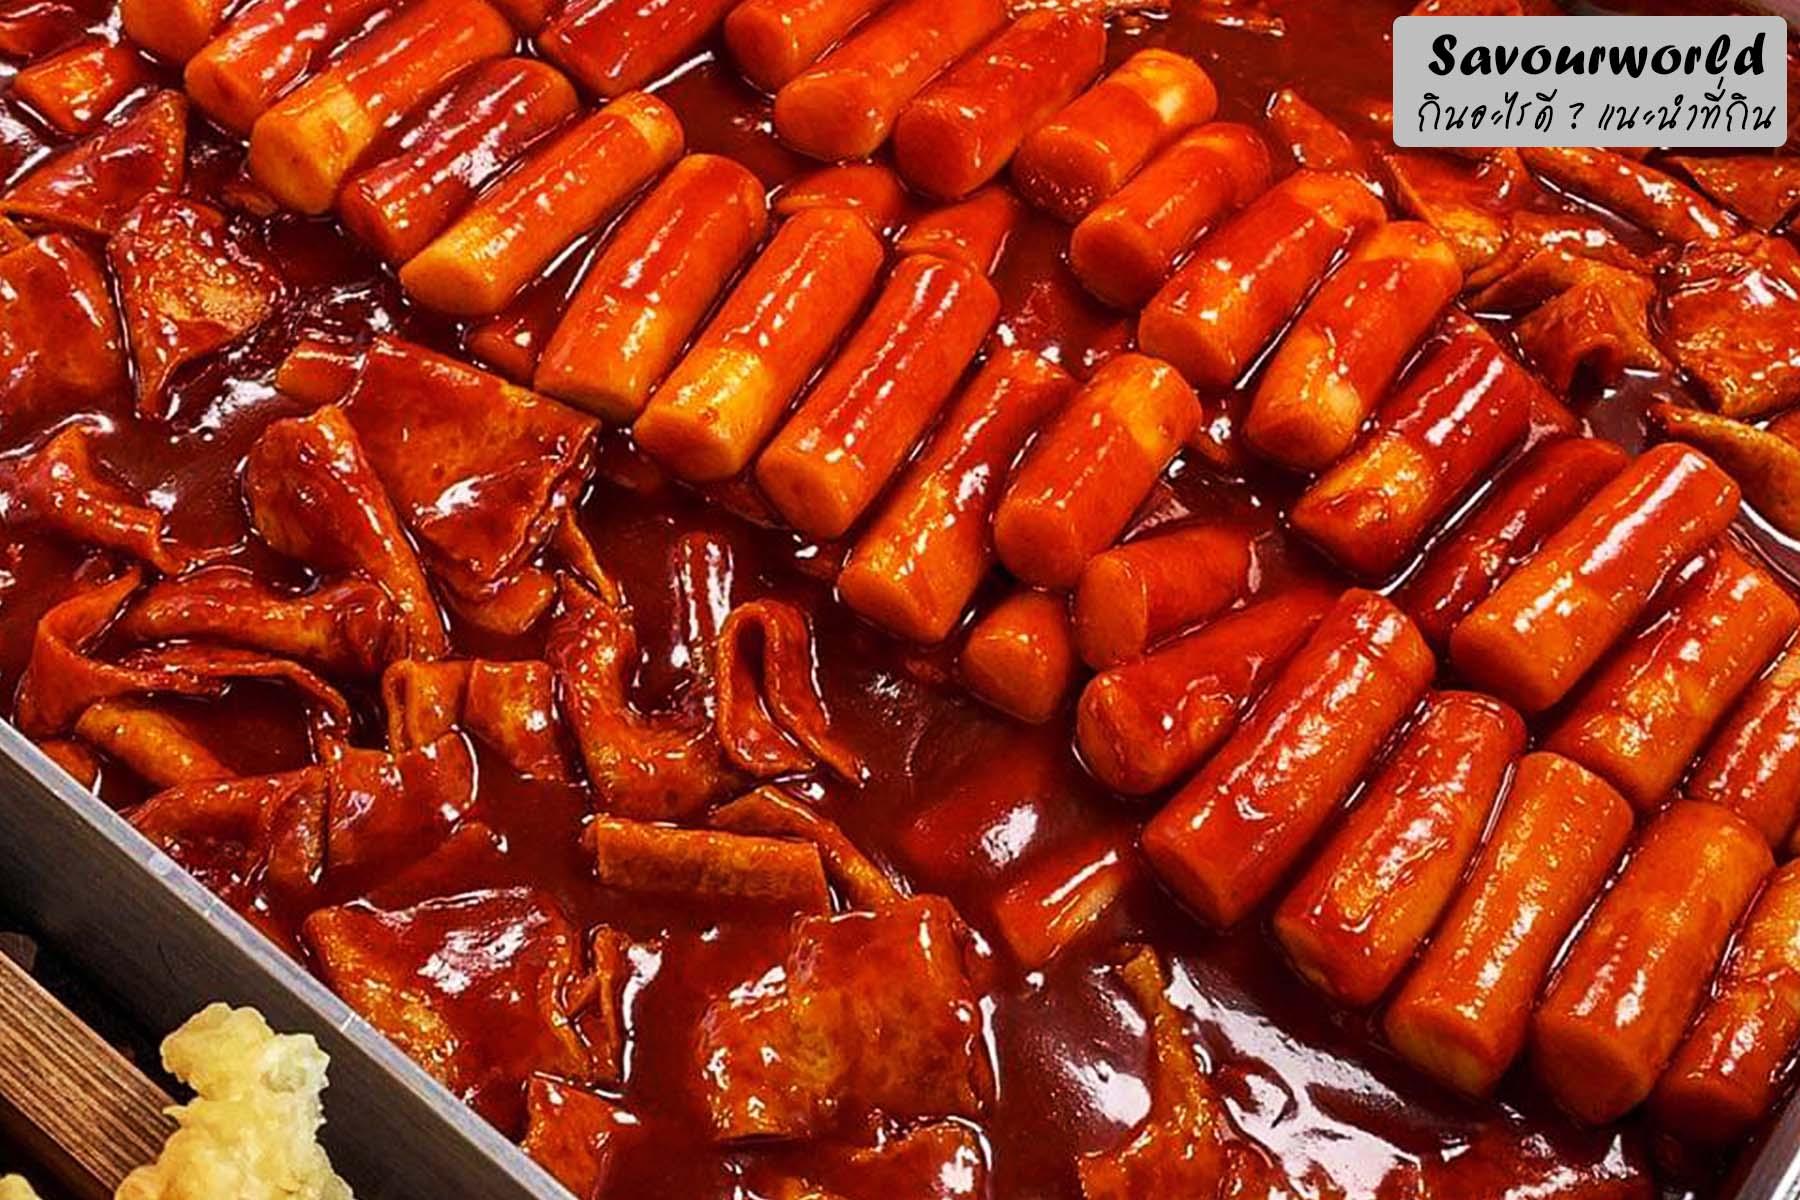 """มาทำความรู้จักกับ """"ต๊อกบกกี"""" อาหารเกาหลีที่ใคร ๆ ก็ชื่นชอบ - savourworld.com"""